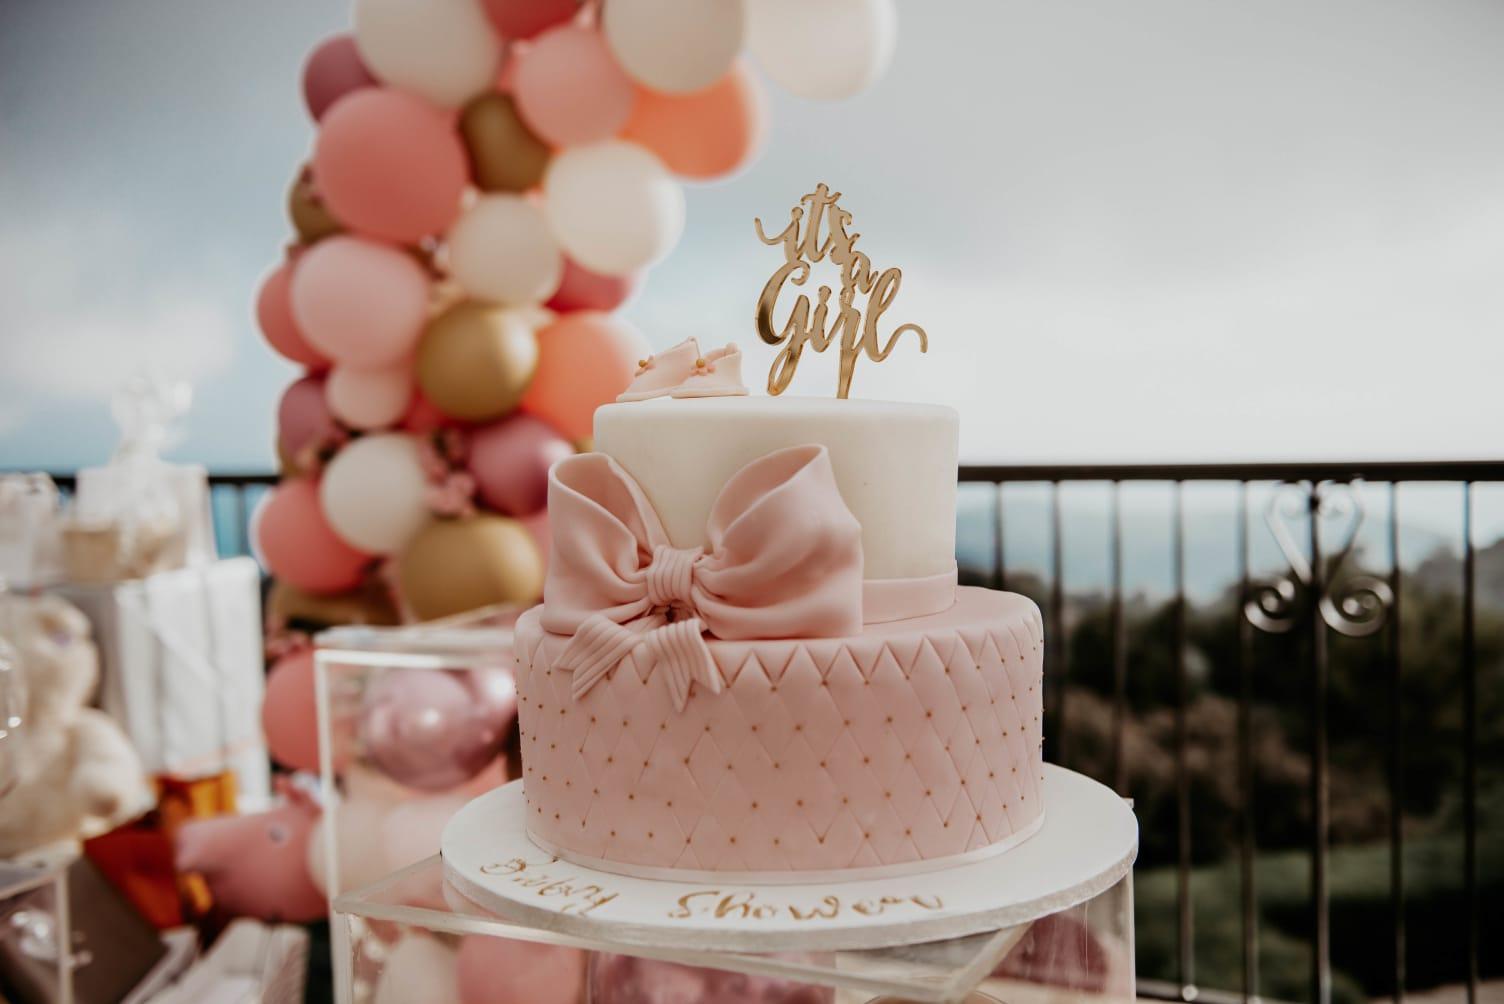 Gâteau personalisé anniversaire sur une terrasse face à la mer